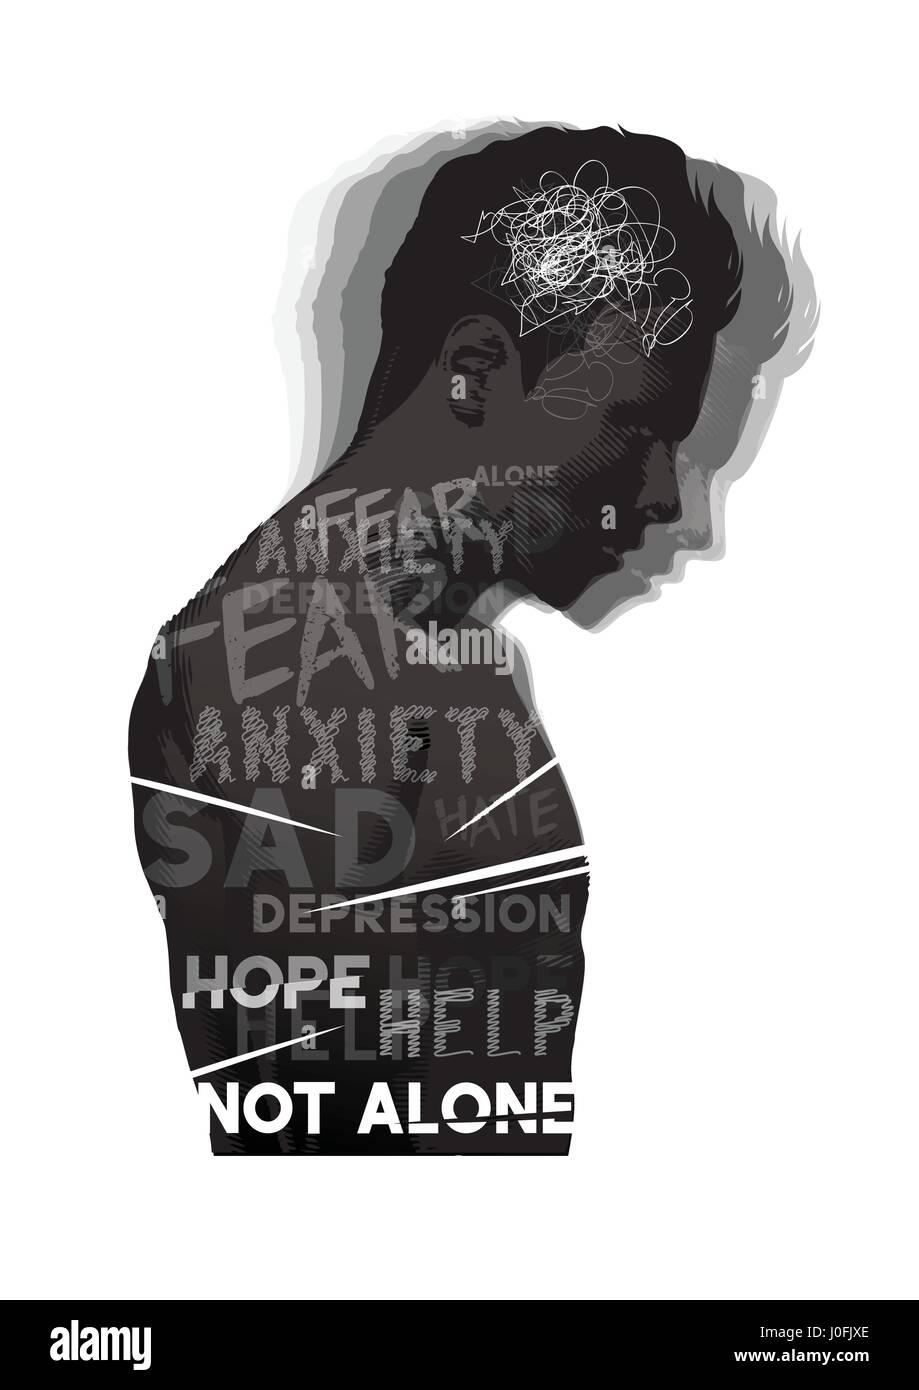 Un uomo vivendo sentimenti di paura, ansia e depressione. La salute mentale illustrazione vettoriale. Immagini Stock